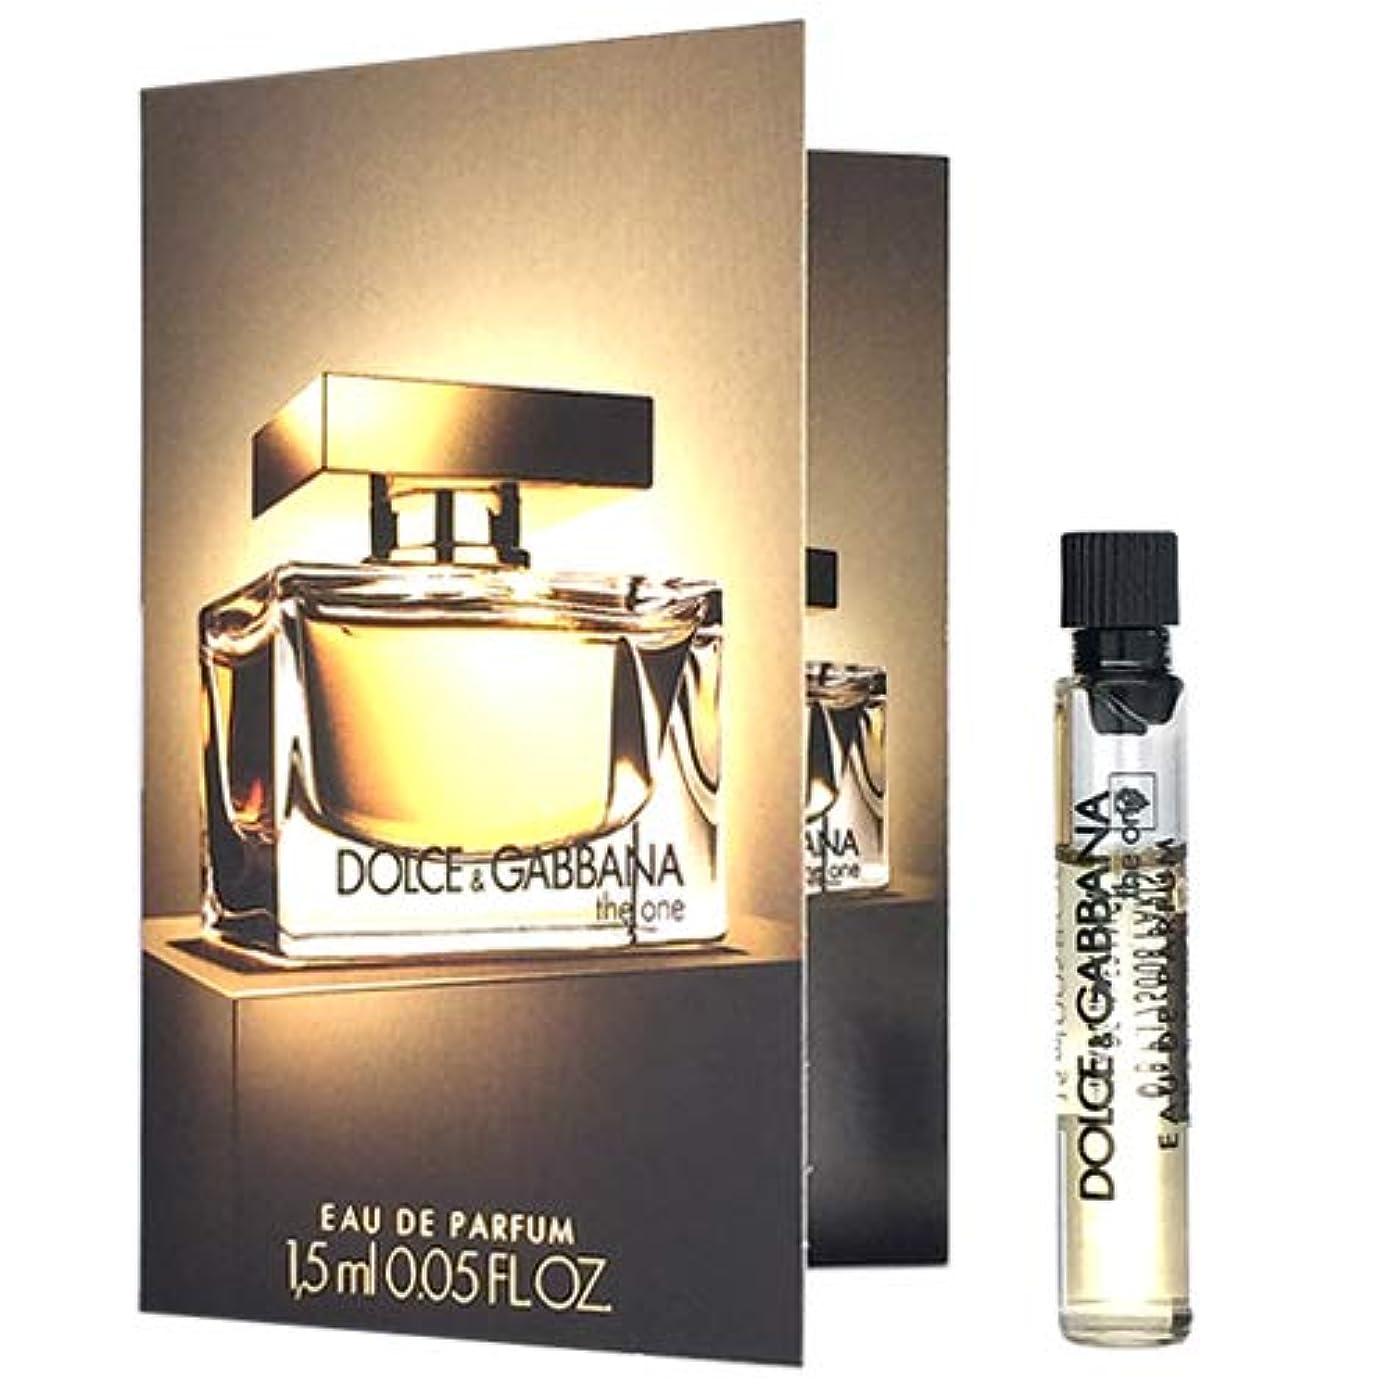 解き明かすすでに慎重にドルチェ&ガッバーナ D&G ザ ワン オードパルファム EDP 1.5ml ミニ香水 サンプル 香水 DOLCE GABBANA [並行輸入品]